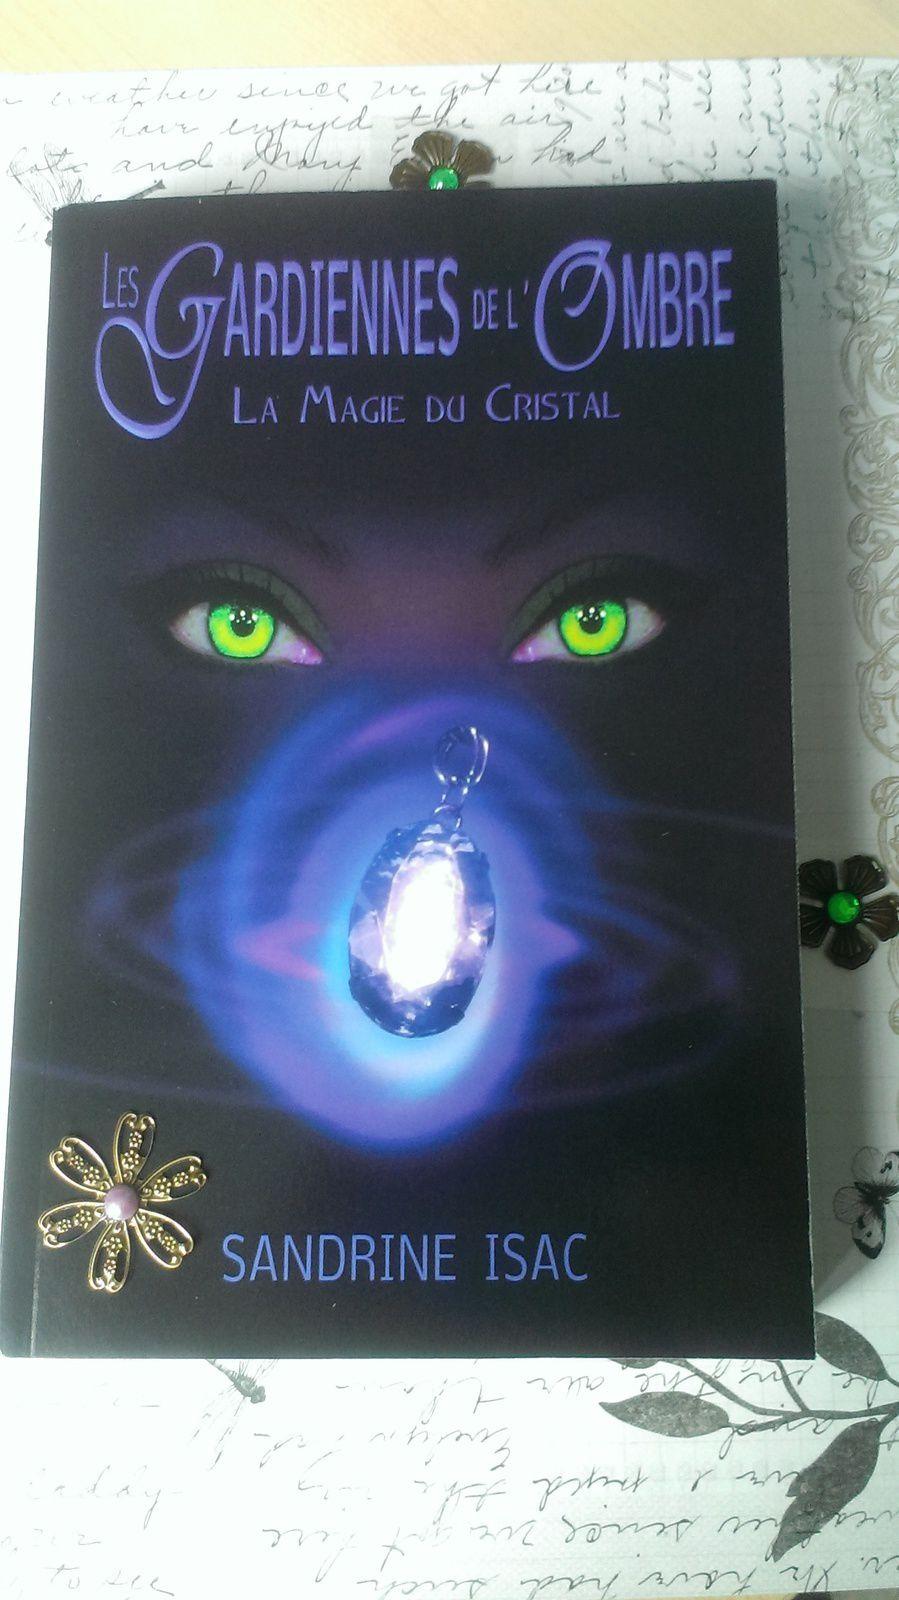 Extrait Les Gardiennes de l'Ombre - La Magie du Cristal - Tome 1 de Sandrine Isac